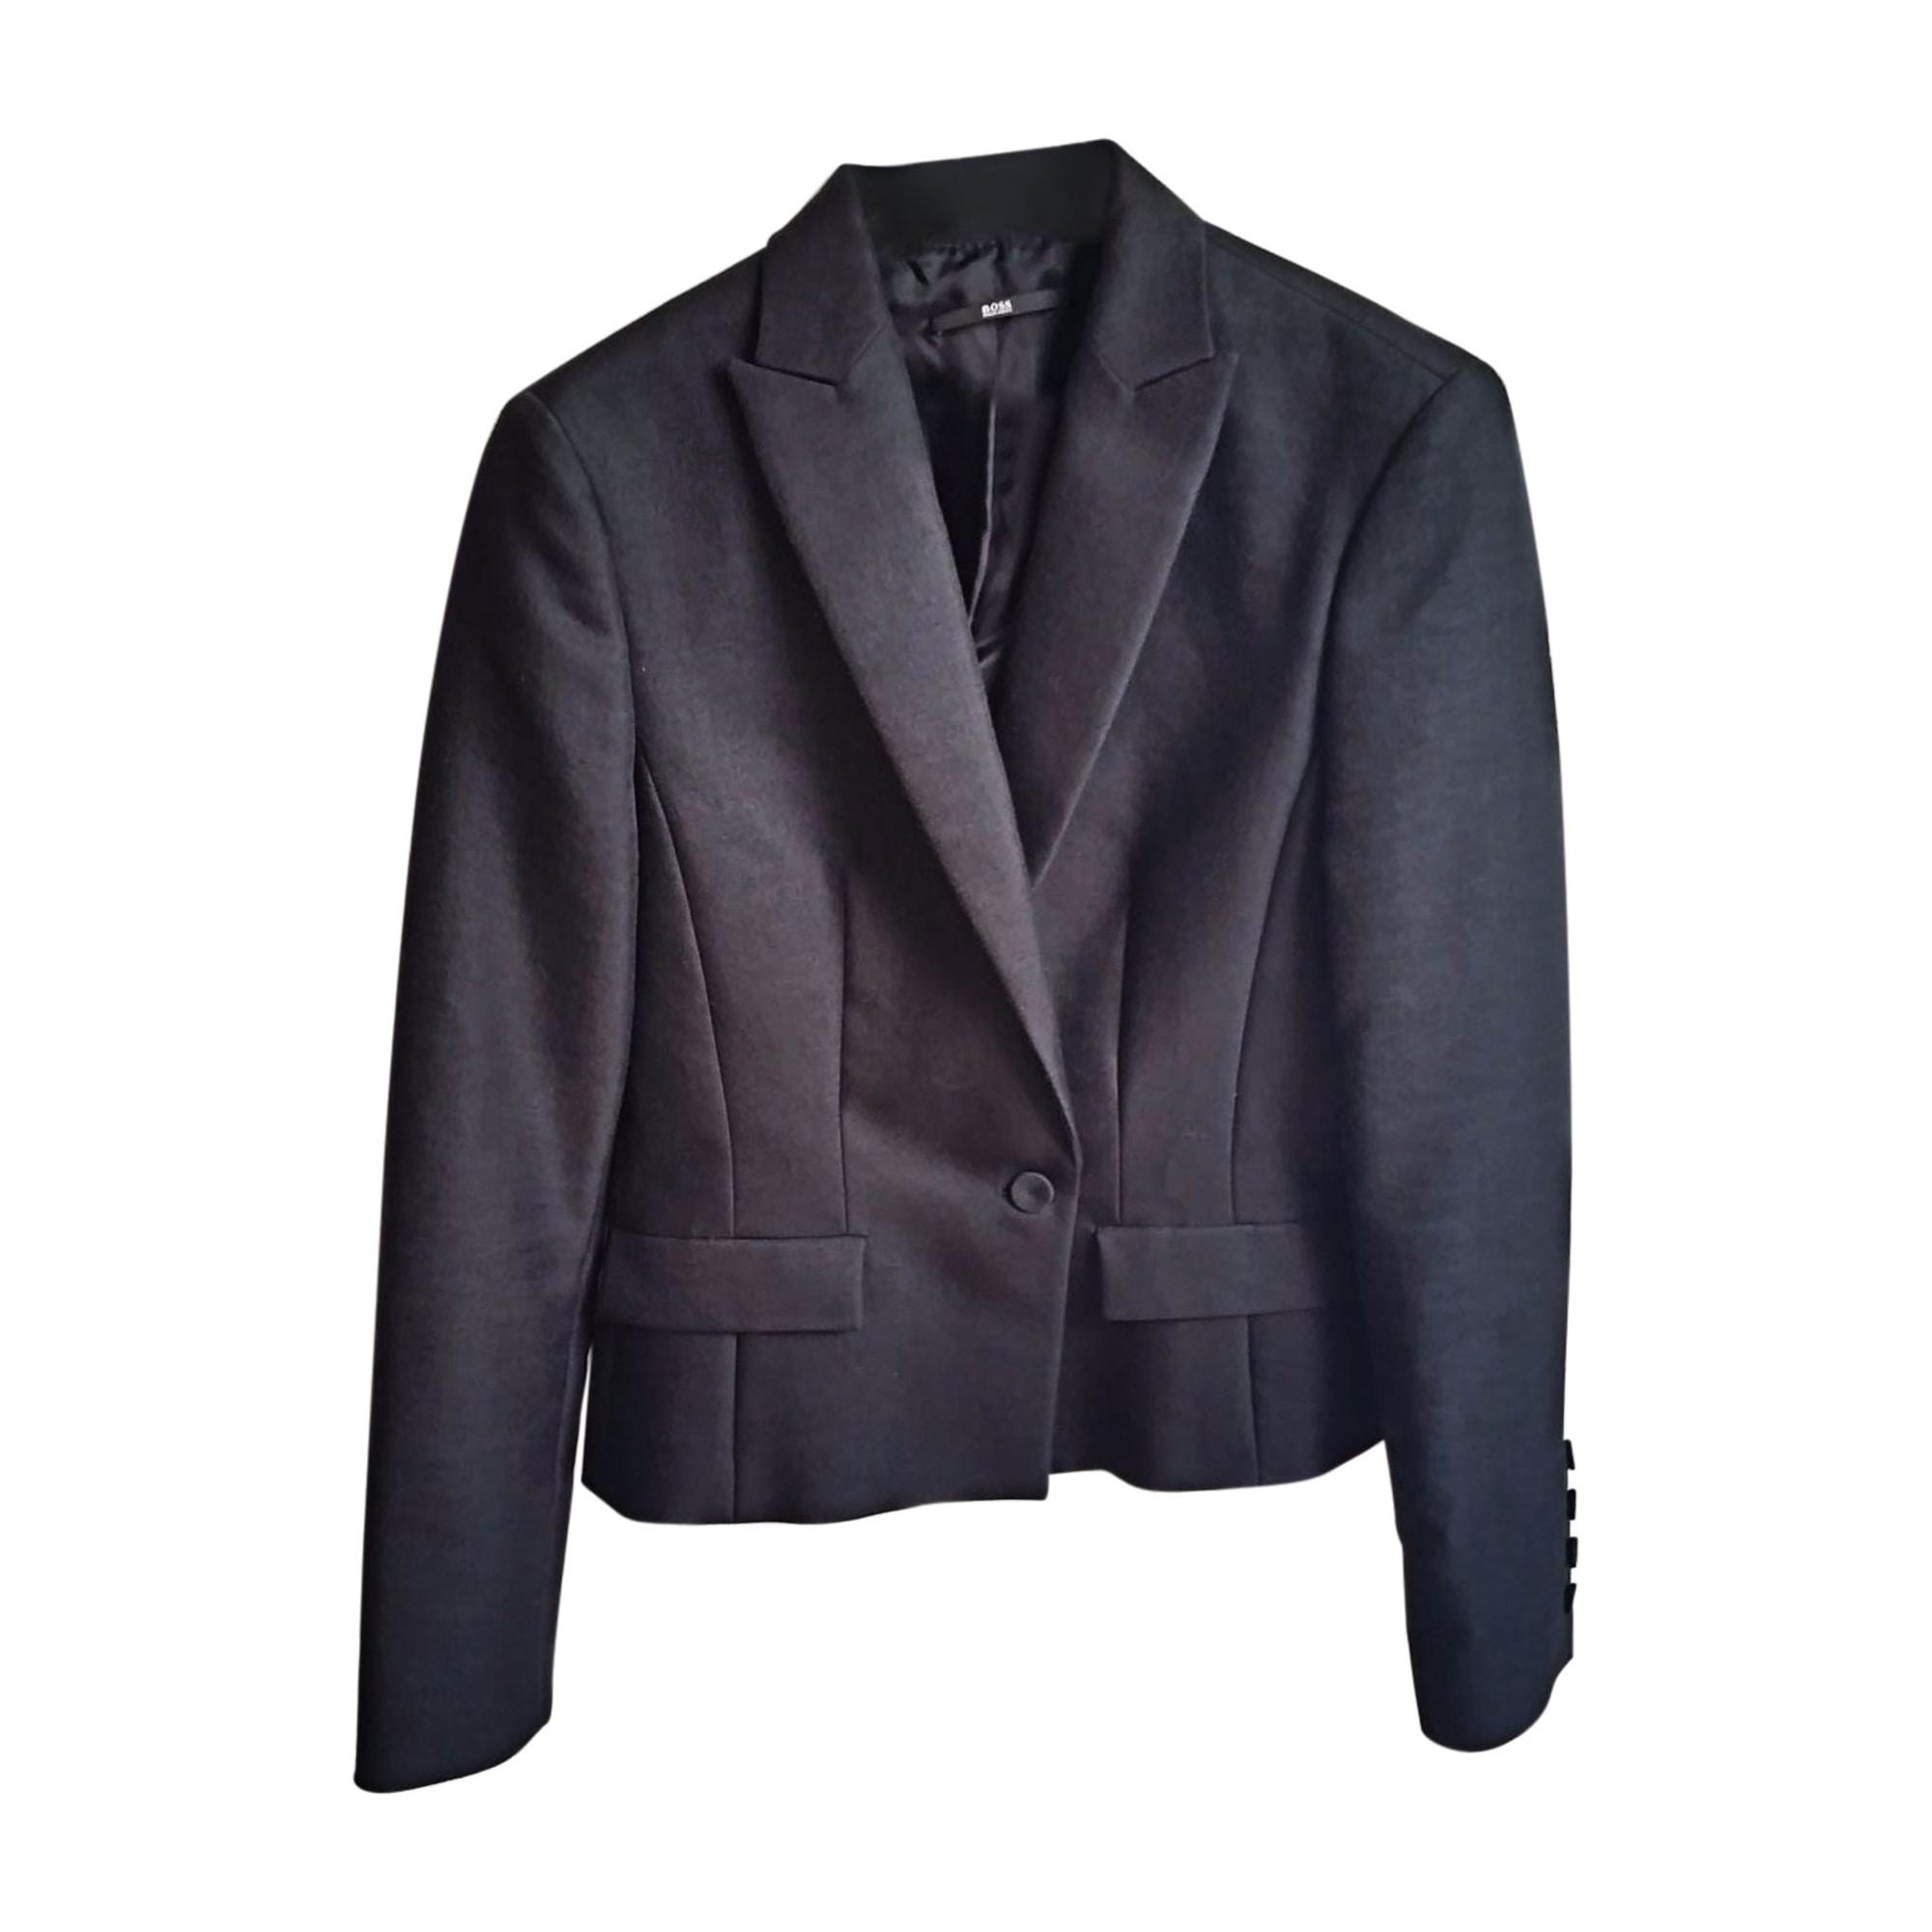 blazer veste tailleur hugo boss 40 l t3 noir 7736753. Black Bedroom Furniture Sets. Home Design Ideas